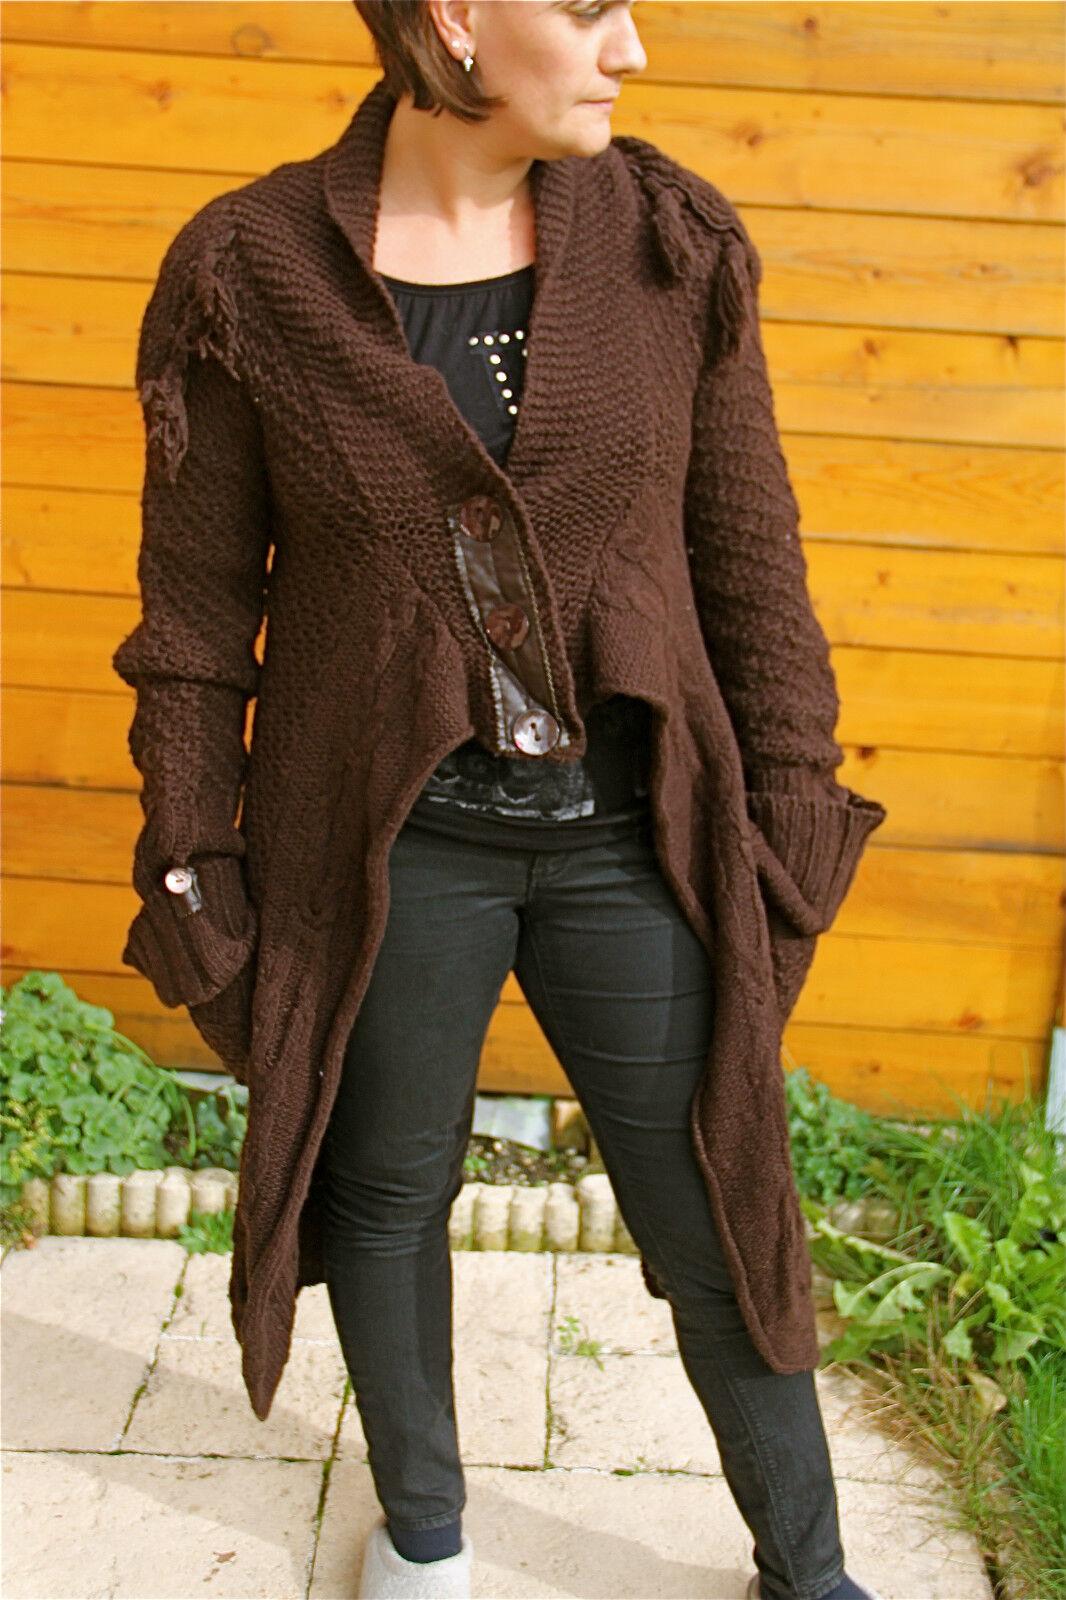 Coat wool vest brown MC PLANET T 38 new label TOP RANGE val